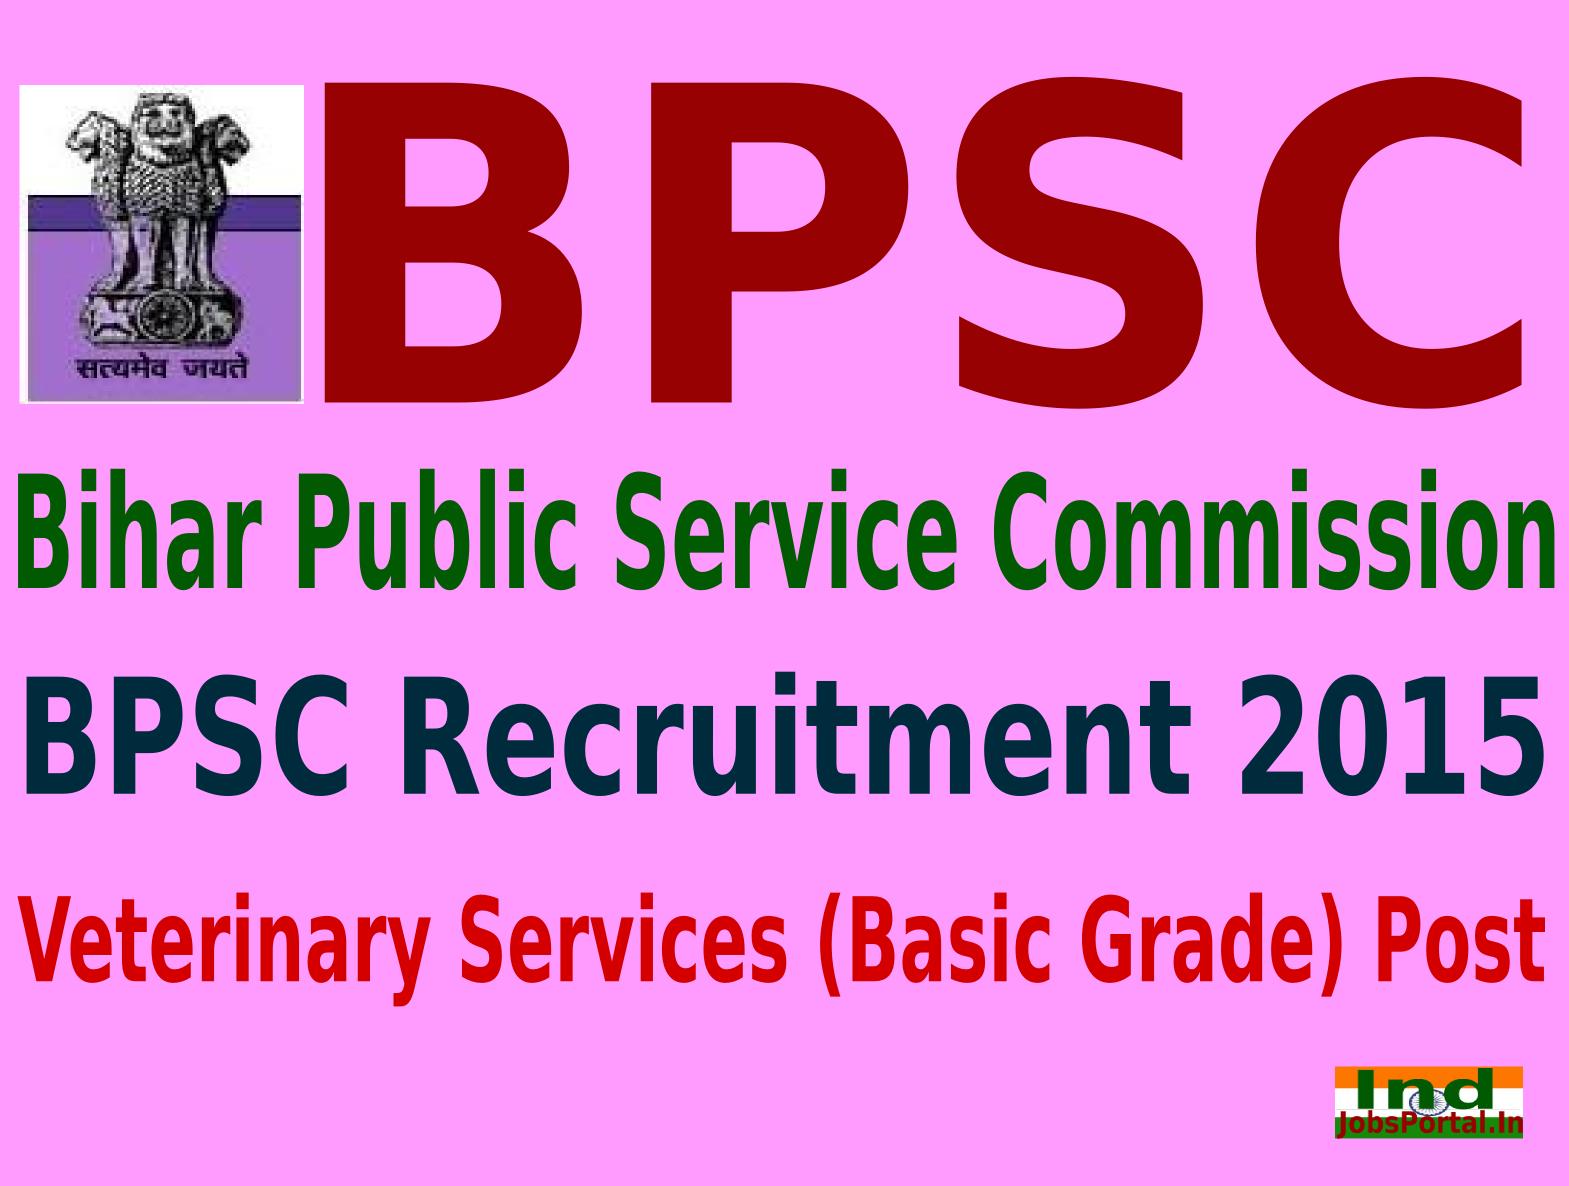 BPSC Recruitment 2015 Online Application For 977 Veterinary Services (Basic Grade) Post